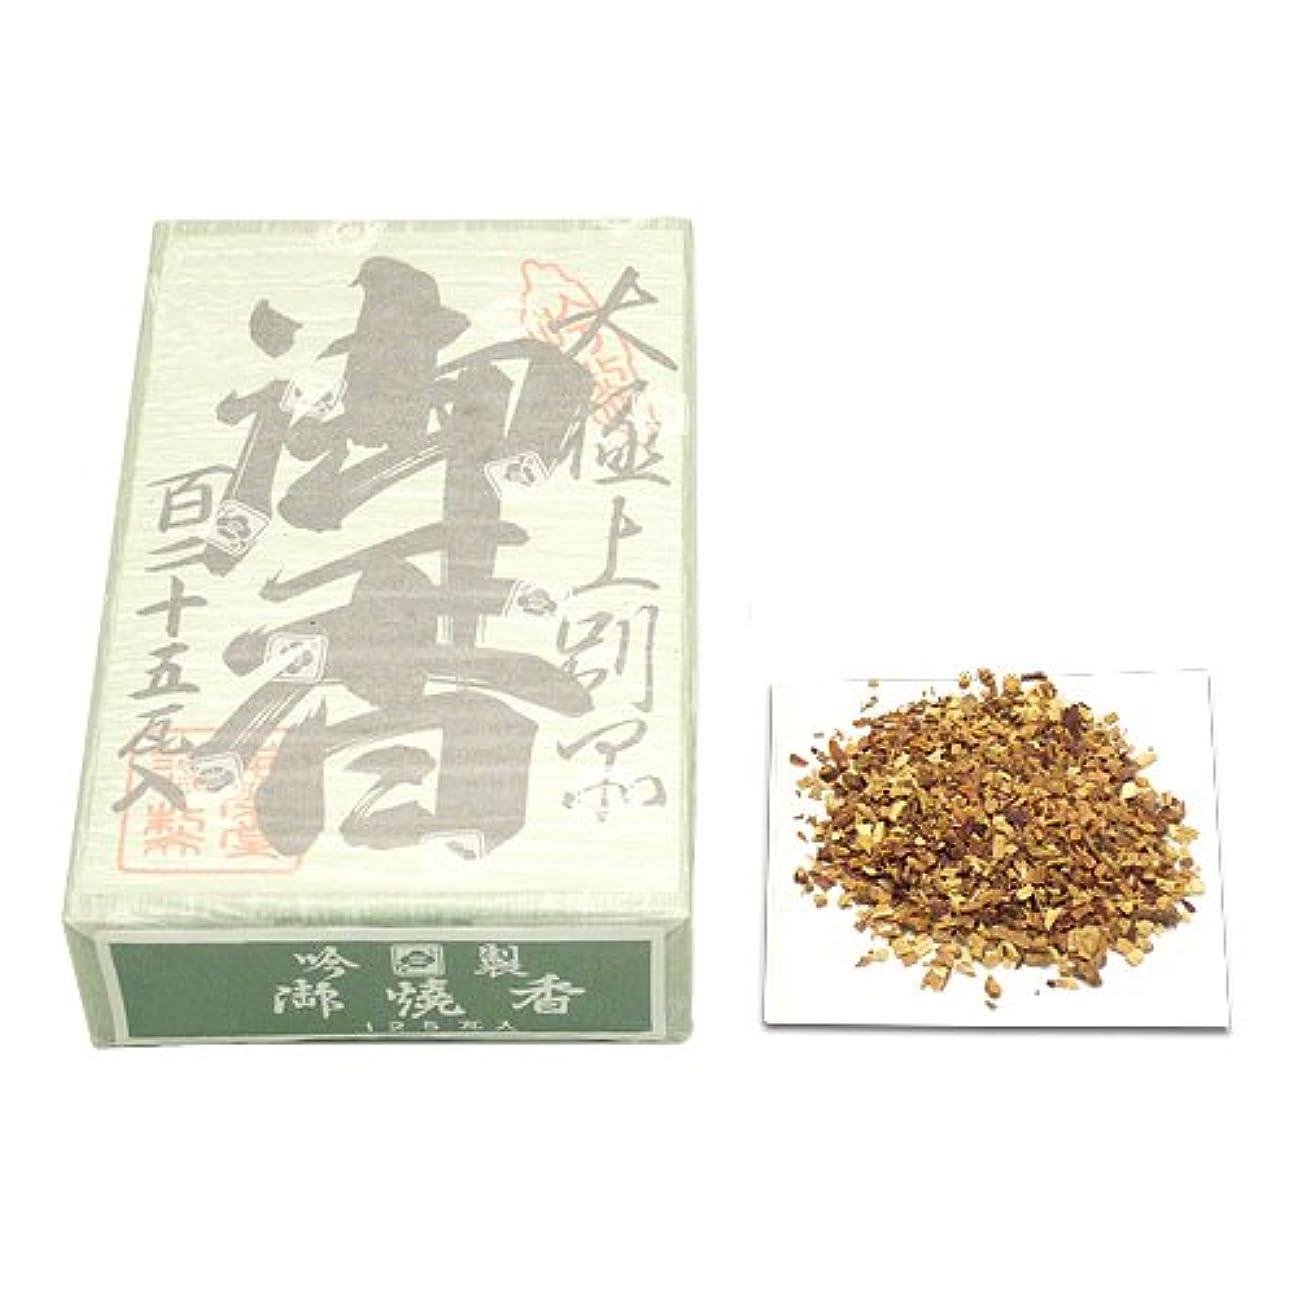 キャンベラマウスプラットフォーム焼香用御香 瑞薫印 125g◆お焼香用の御香